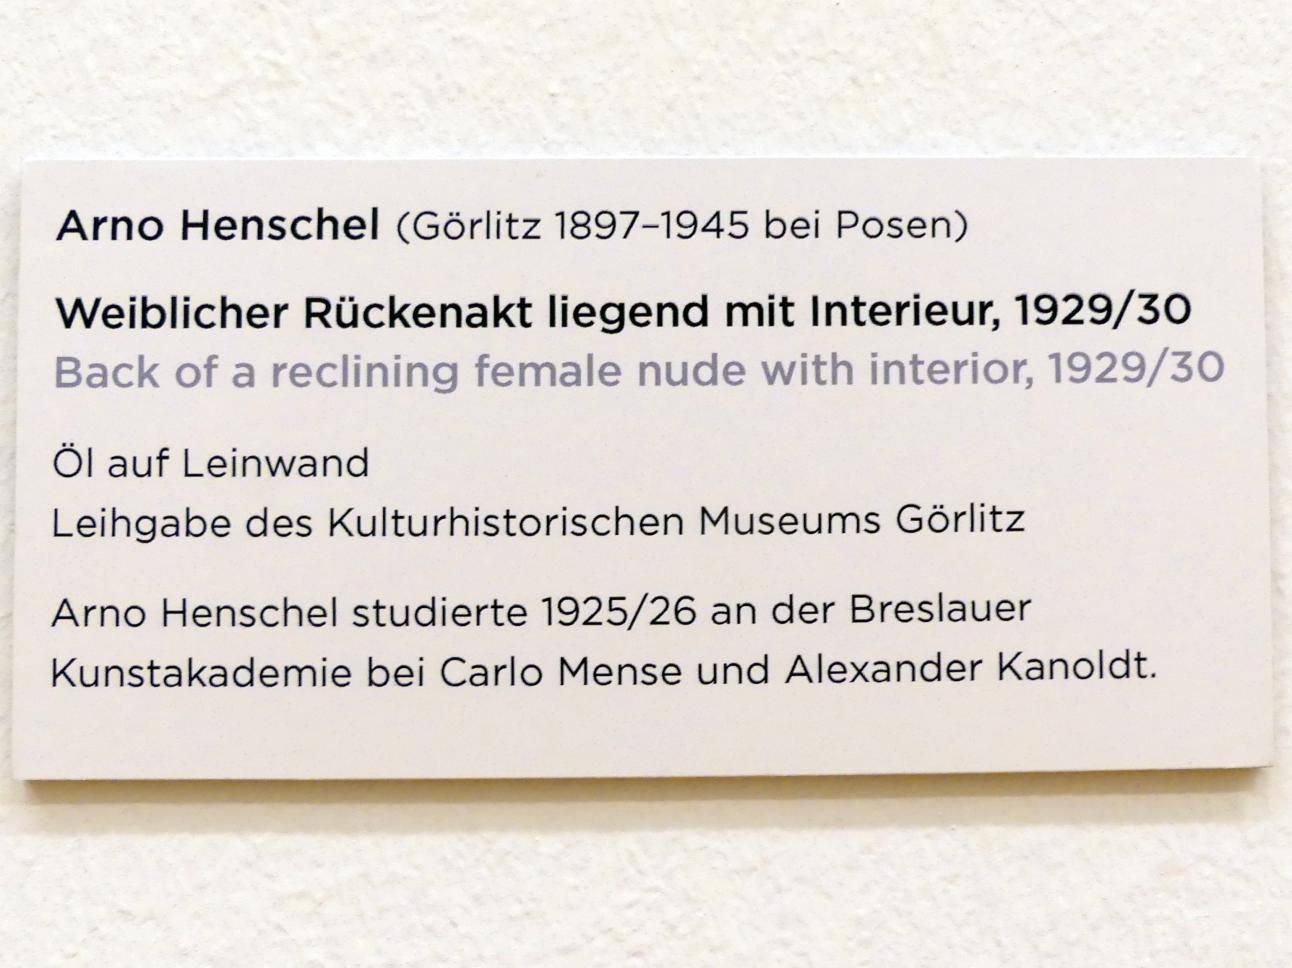 Arno Henschel: Weiblicher Rückenakt liegend mit Interieur, 1929 - 1930